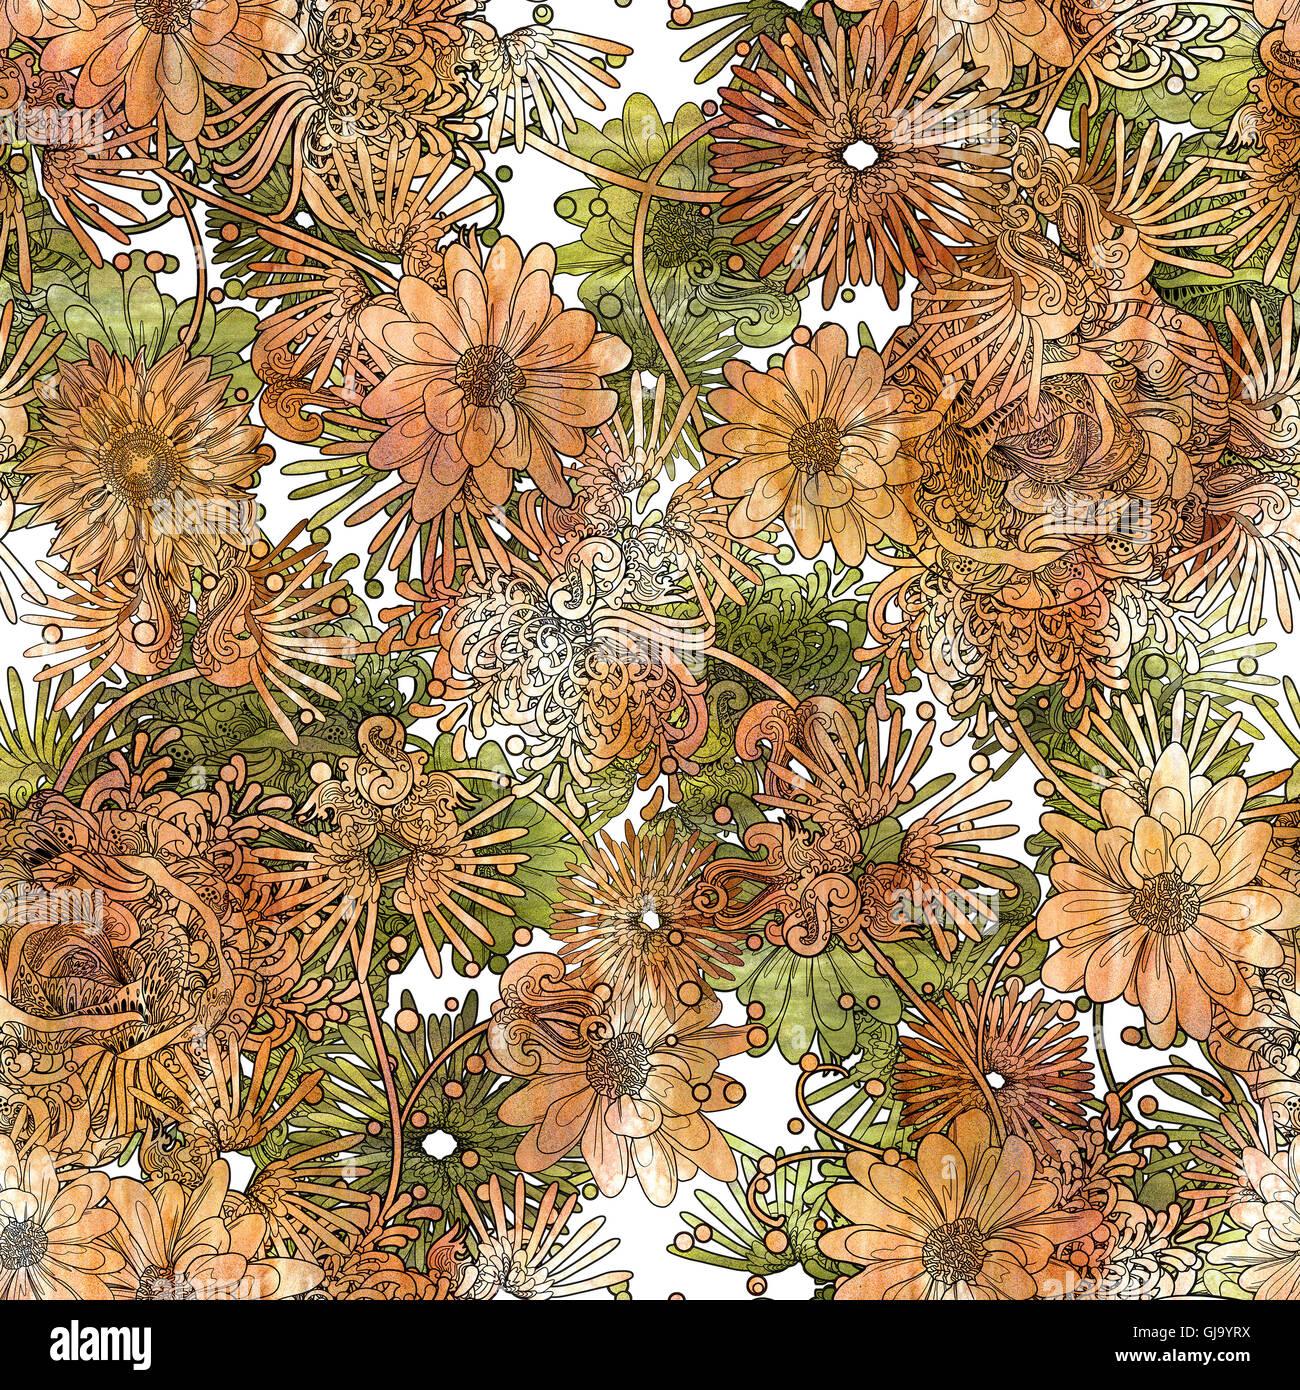 Seamless motivo floreale,bellissimo wallpaper con arancia e fiori verdi,acquerello Immagini Stock